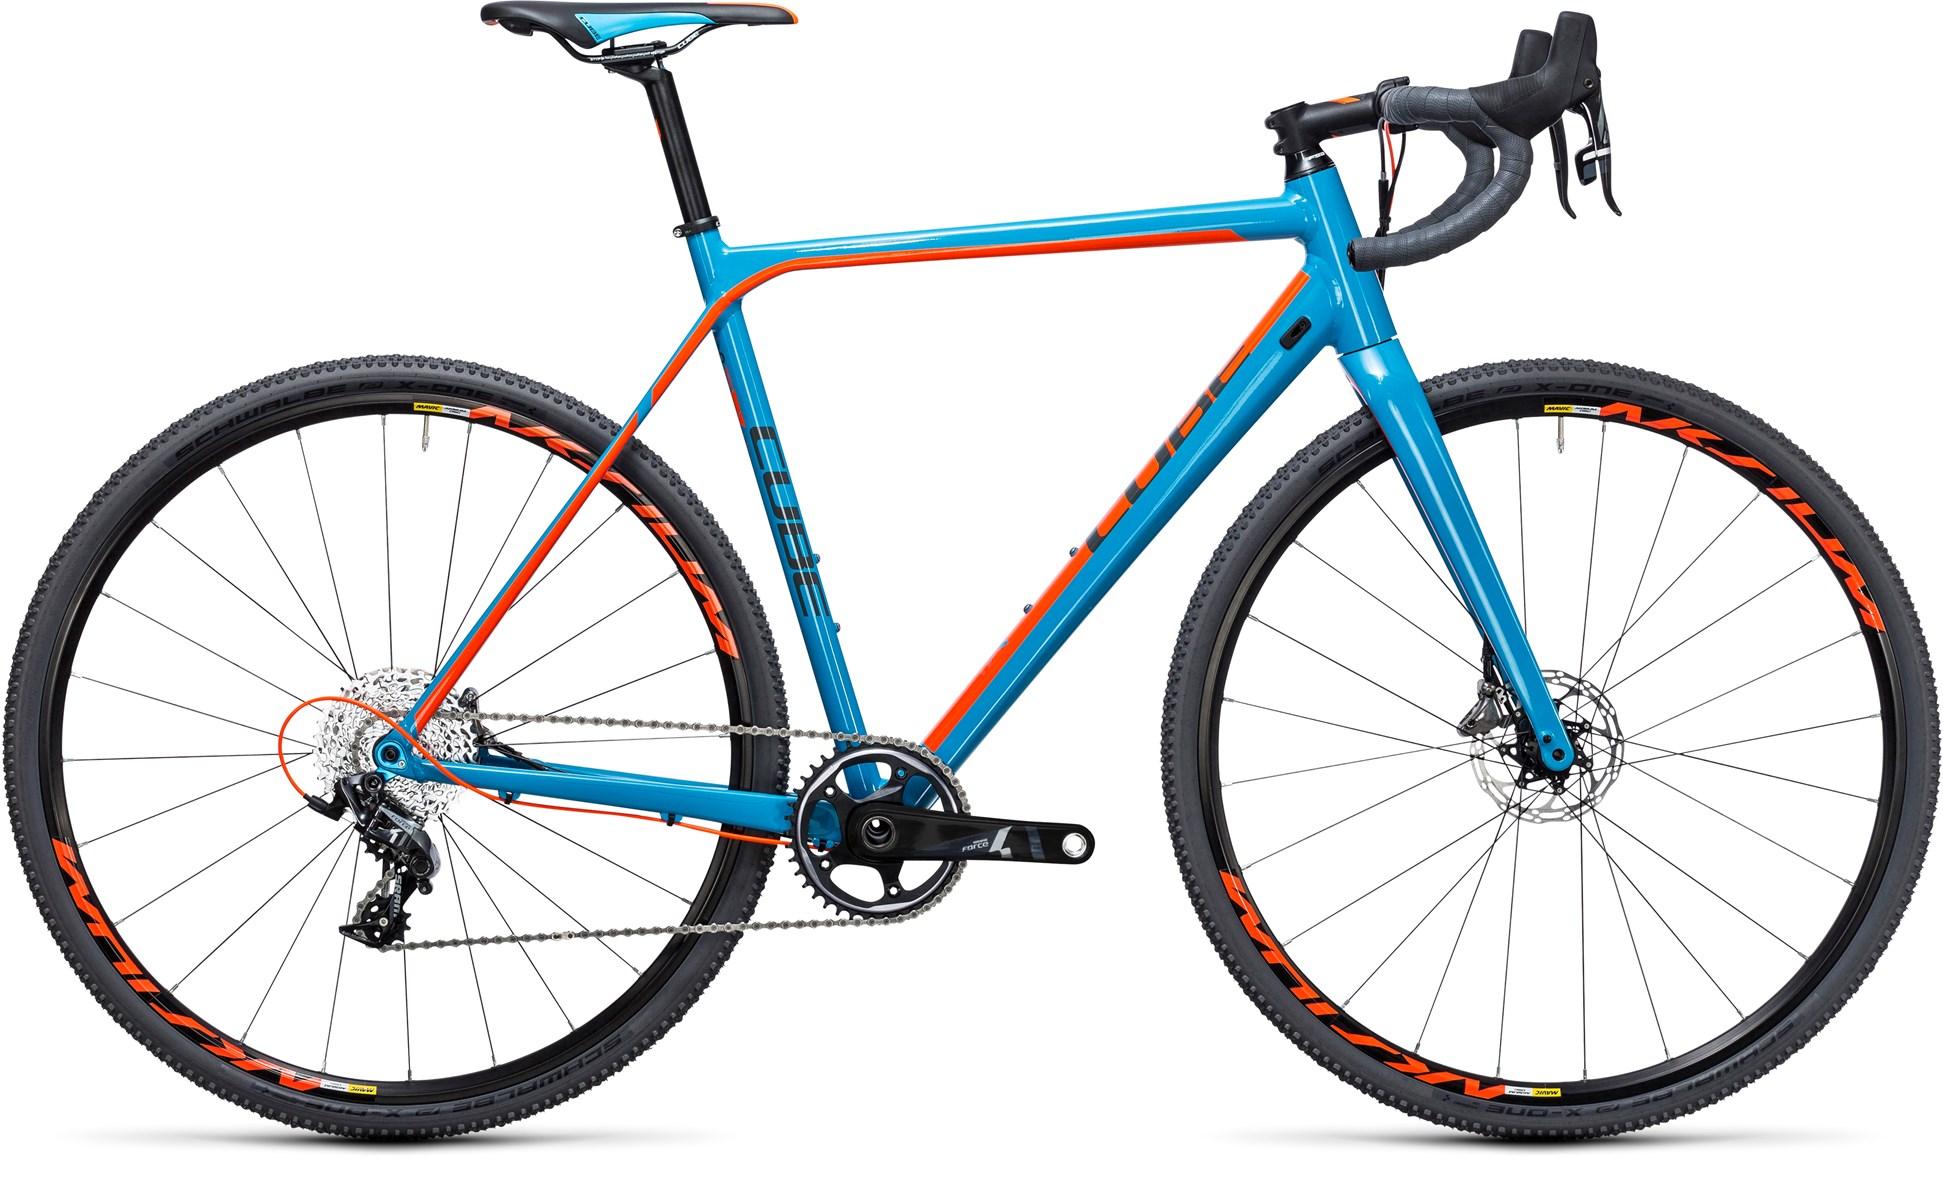 26d6b486156 2017 Cube Cross Race SLT Aluminium Gravel Bike. Cyclocross ...